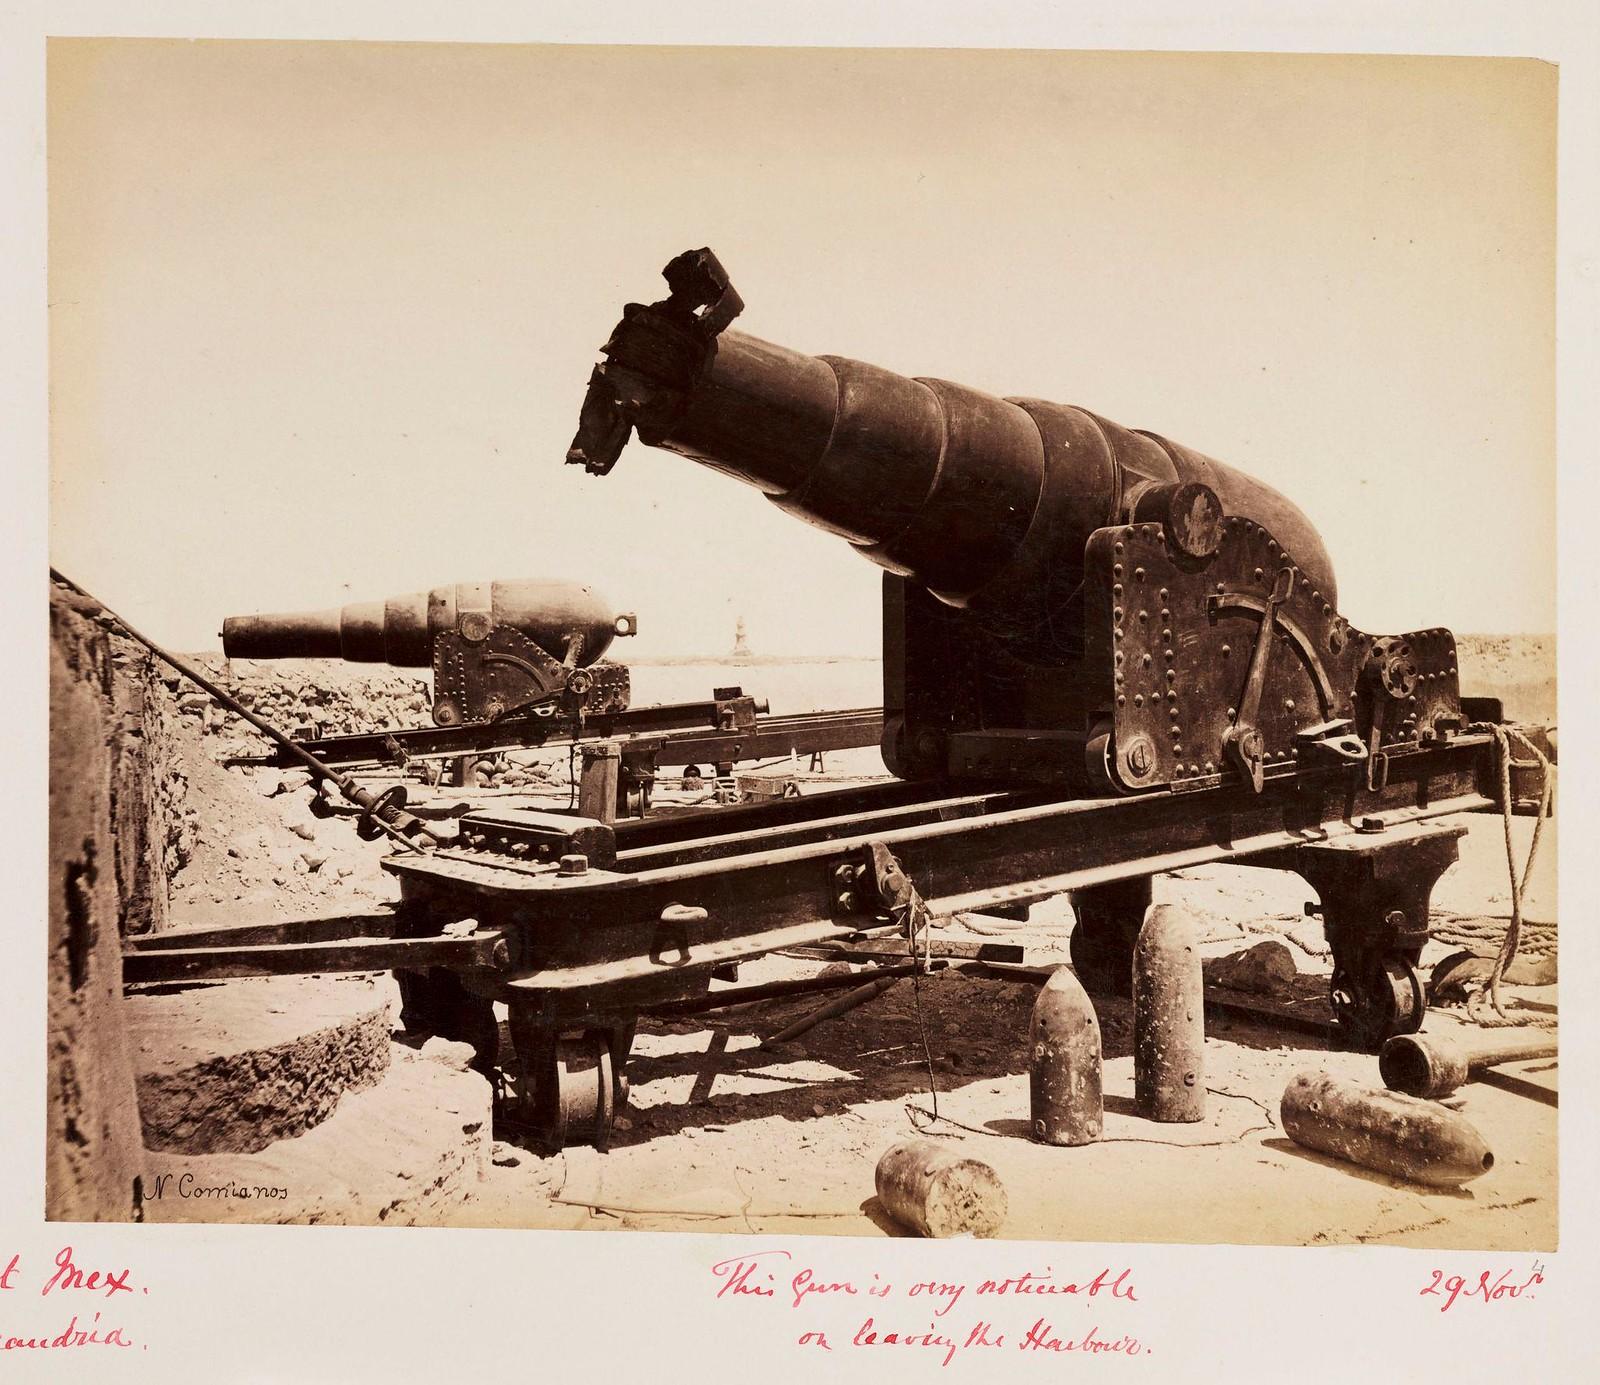 04. Поврежденная артиллерия, Форт Мекс, Александрийская гавань, Египет, 12 ноября